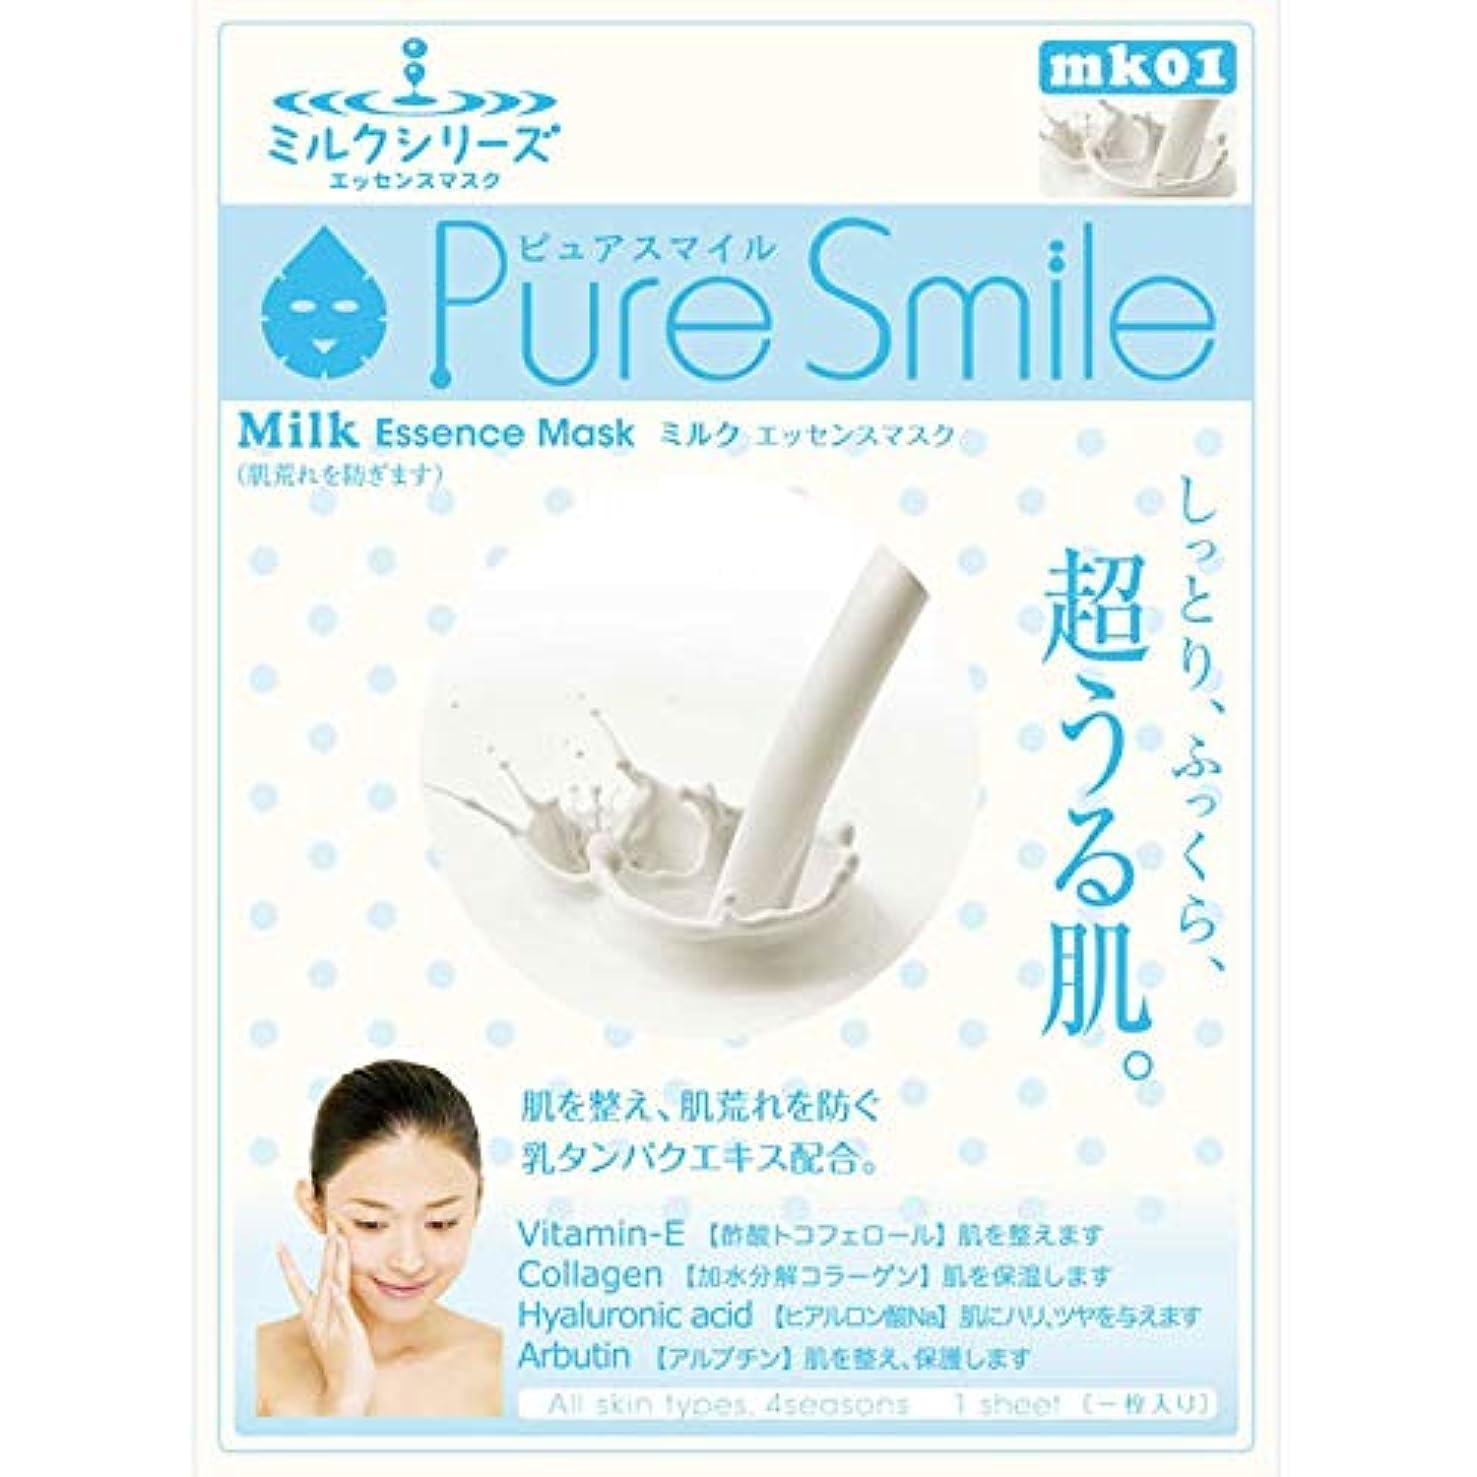 列挙するアナロジー必要性ピュア スマイル (Pure Smile) ミルクエッセンスマスク ミルク